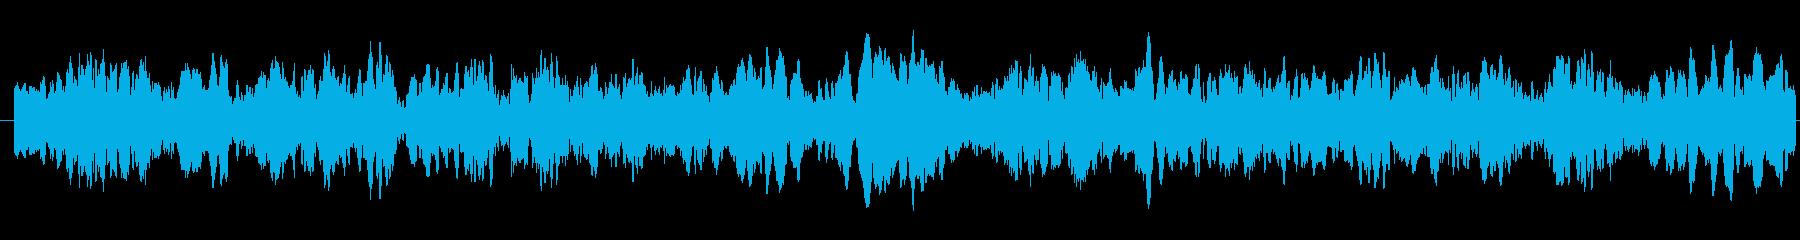 救急車 サイレンUS 01の再生済みの波形